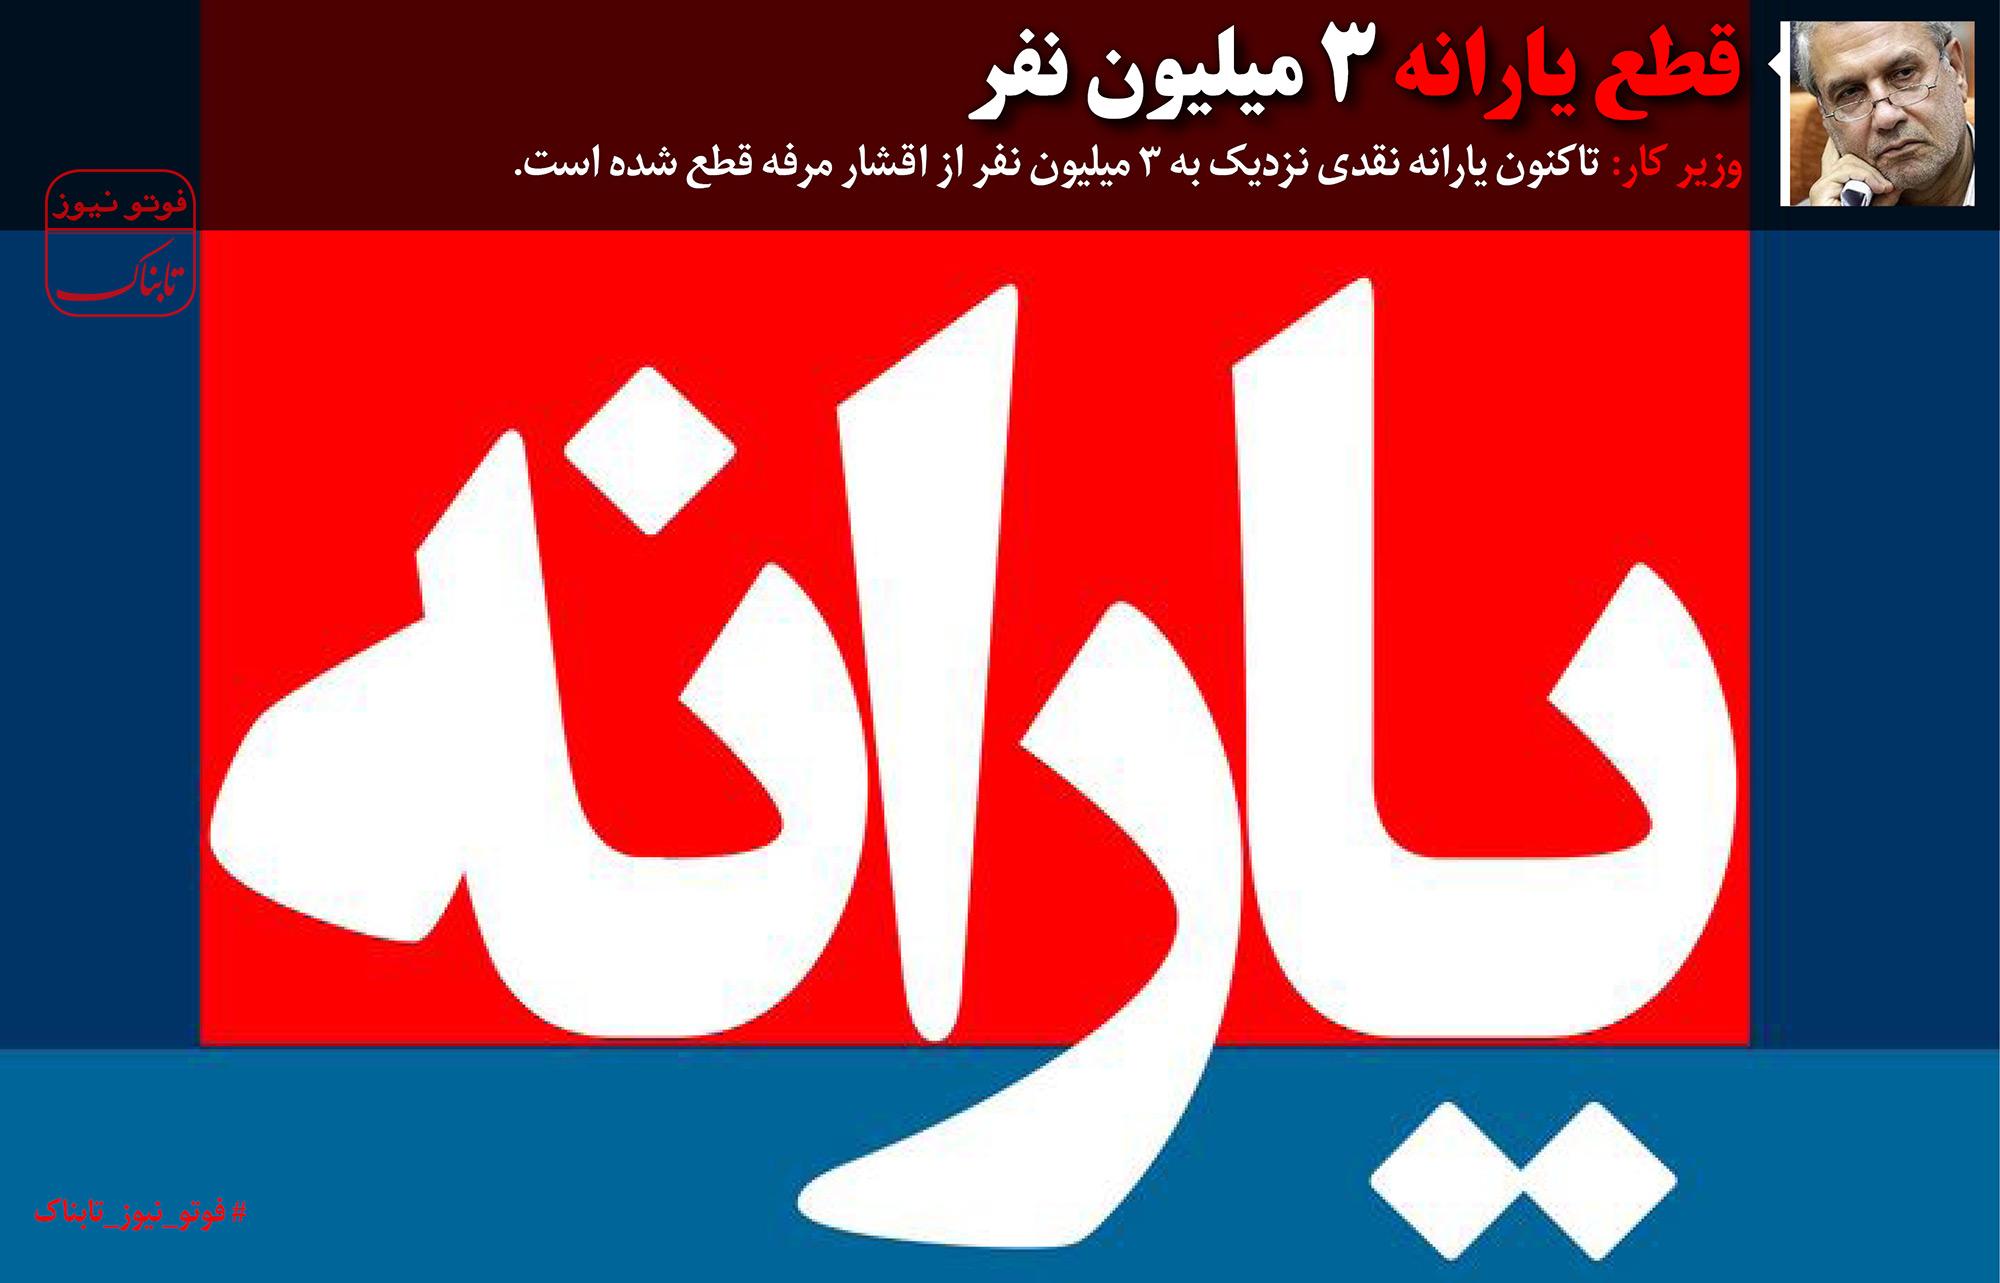 یارانه اسفند ماه 95همراه باعیدی است Yaraneh10 Ir